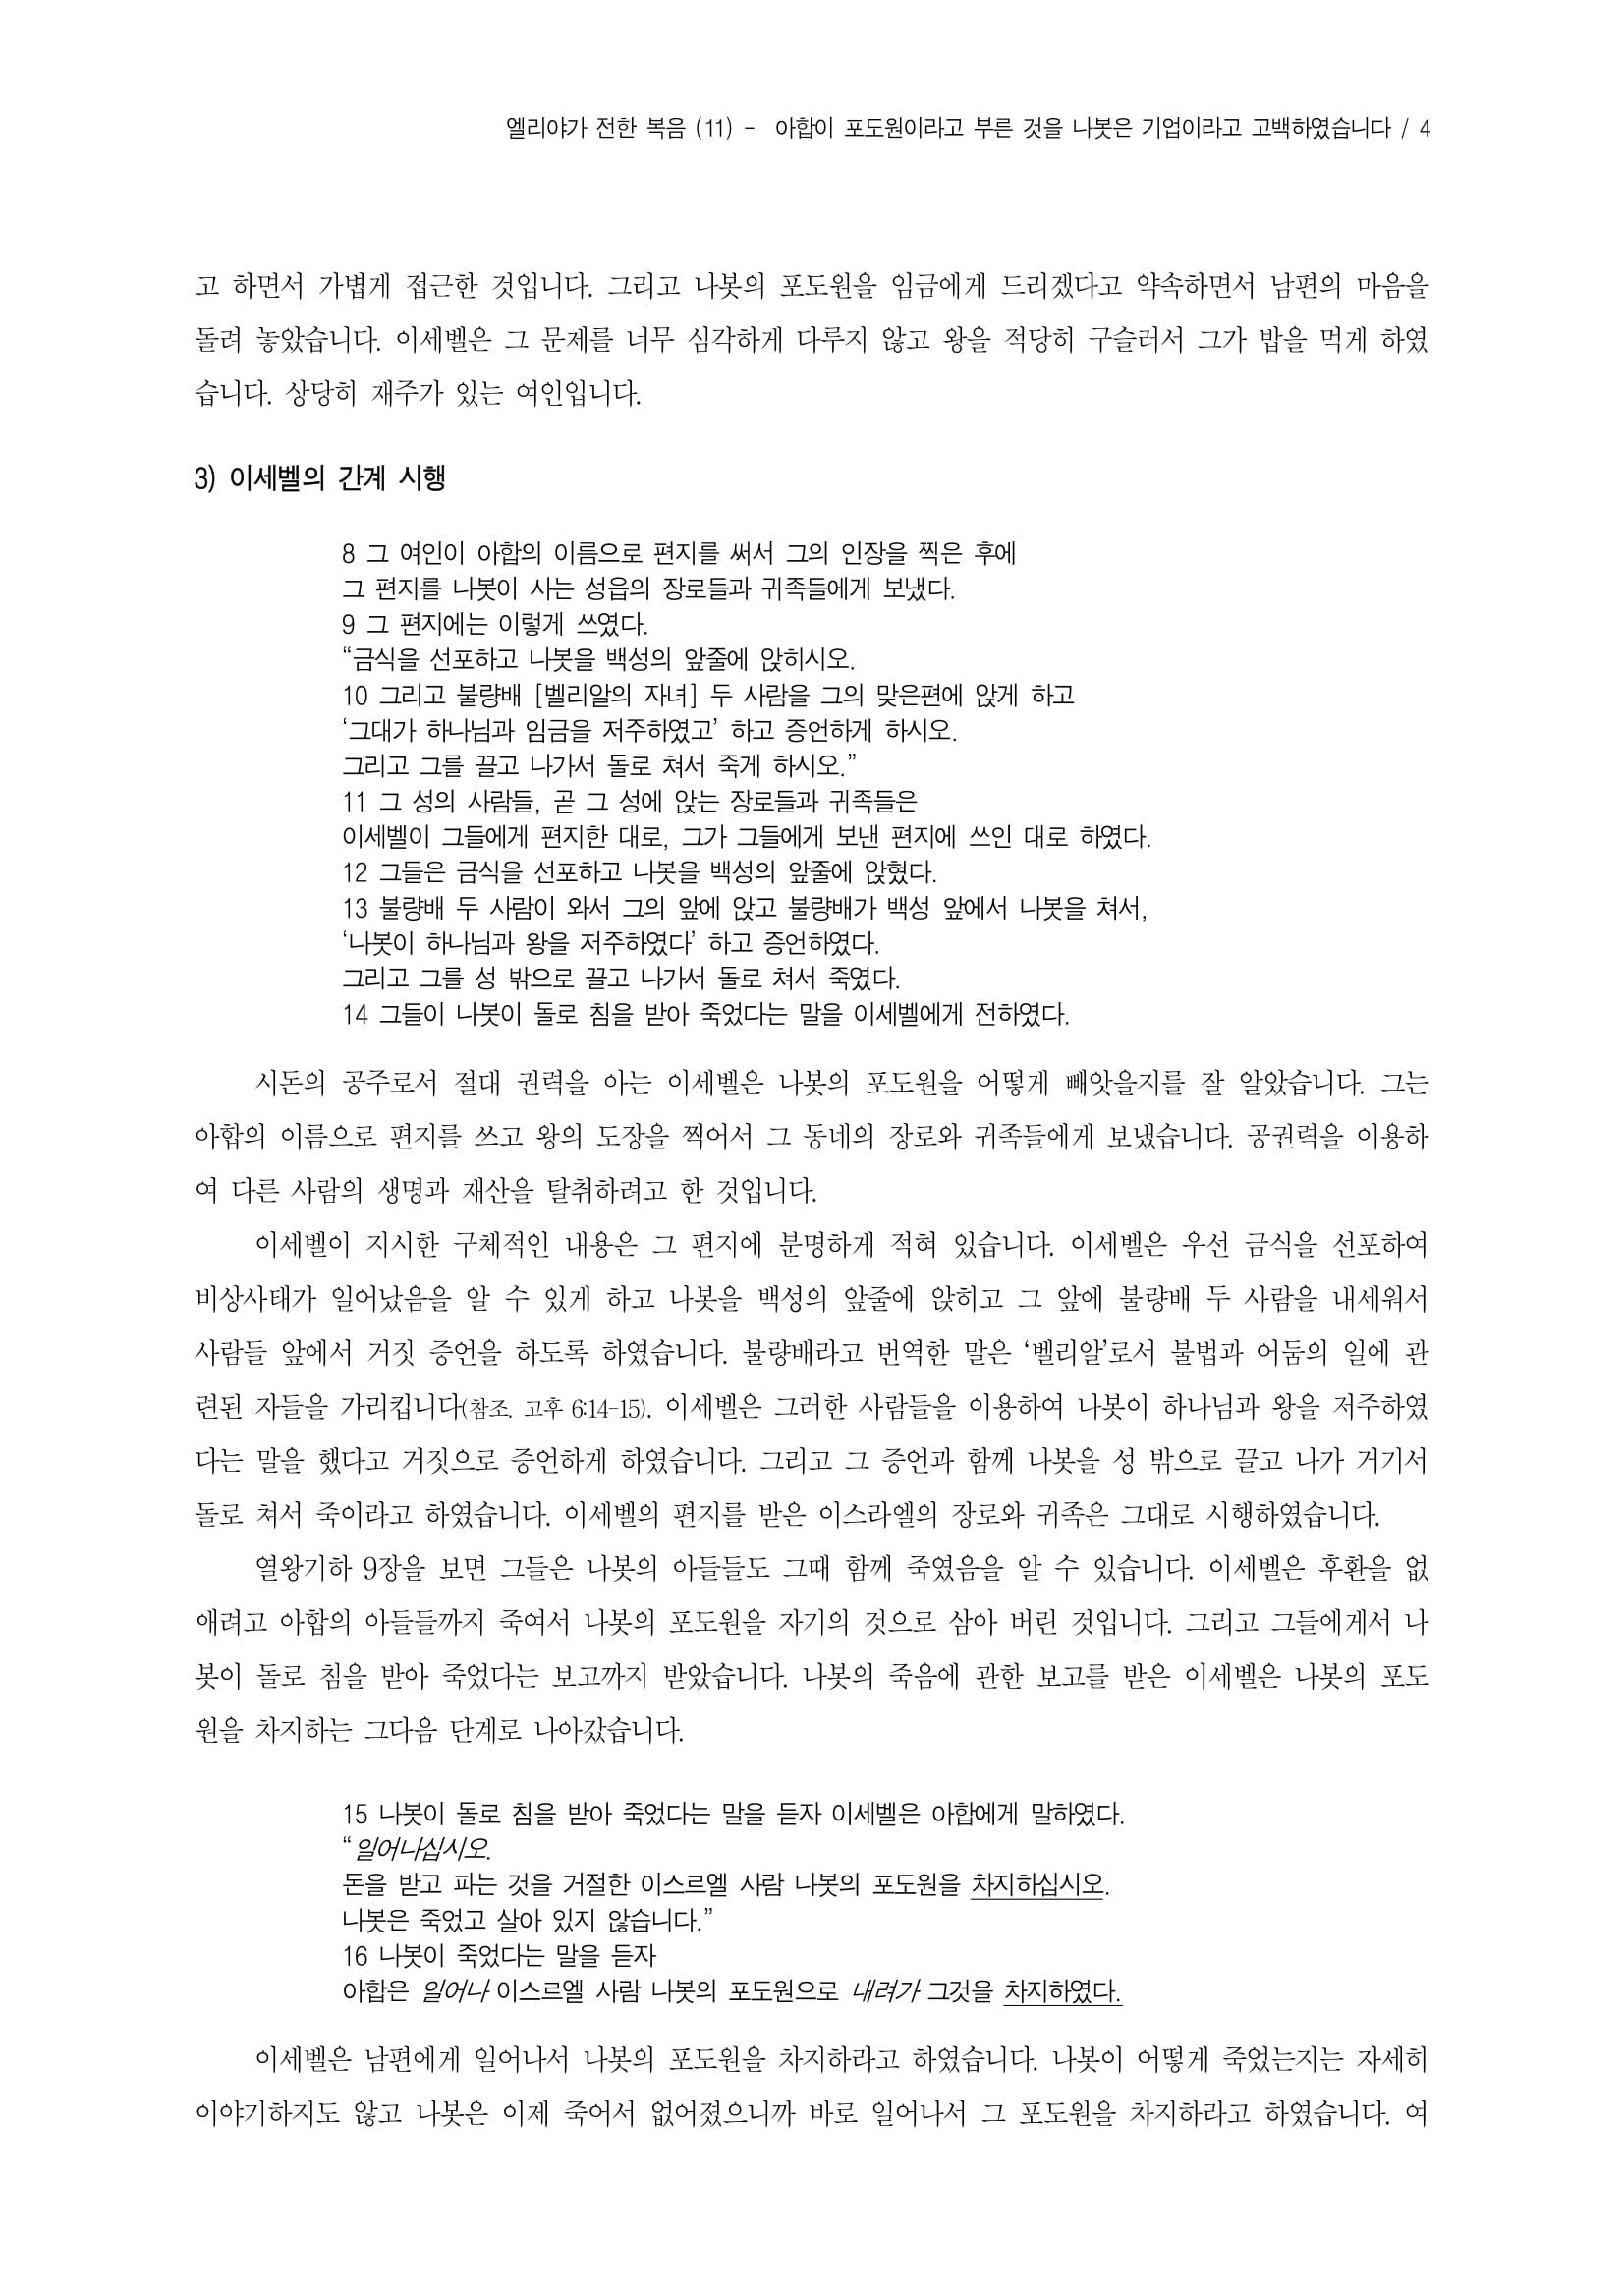 엘리야(11)_나봇의 기업과 아합의 포도원-왕상21장-4.jpg